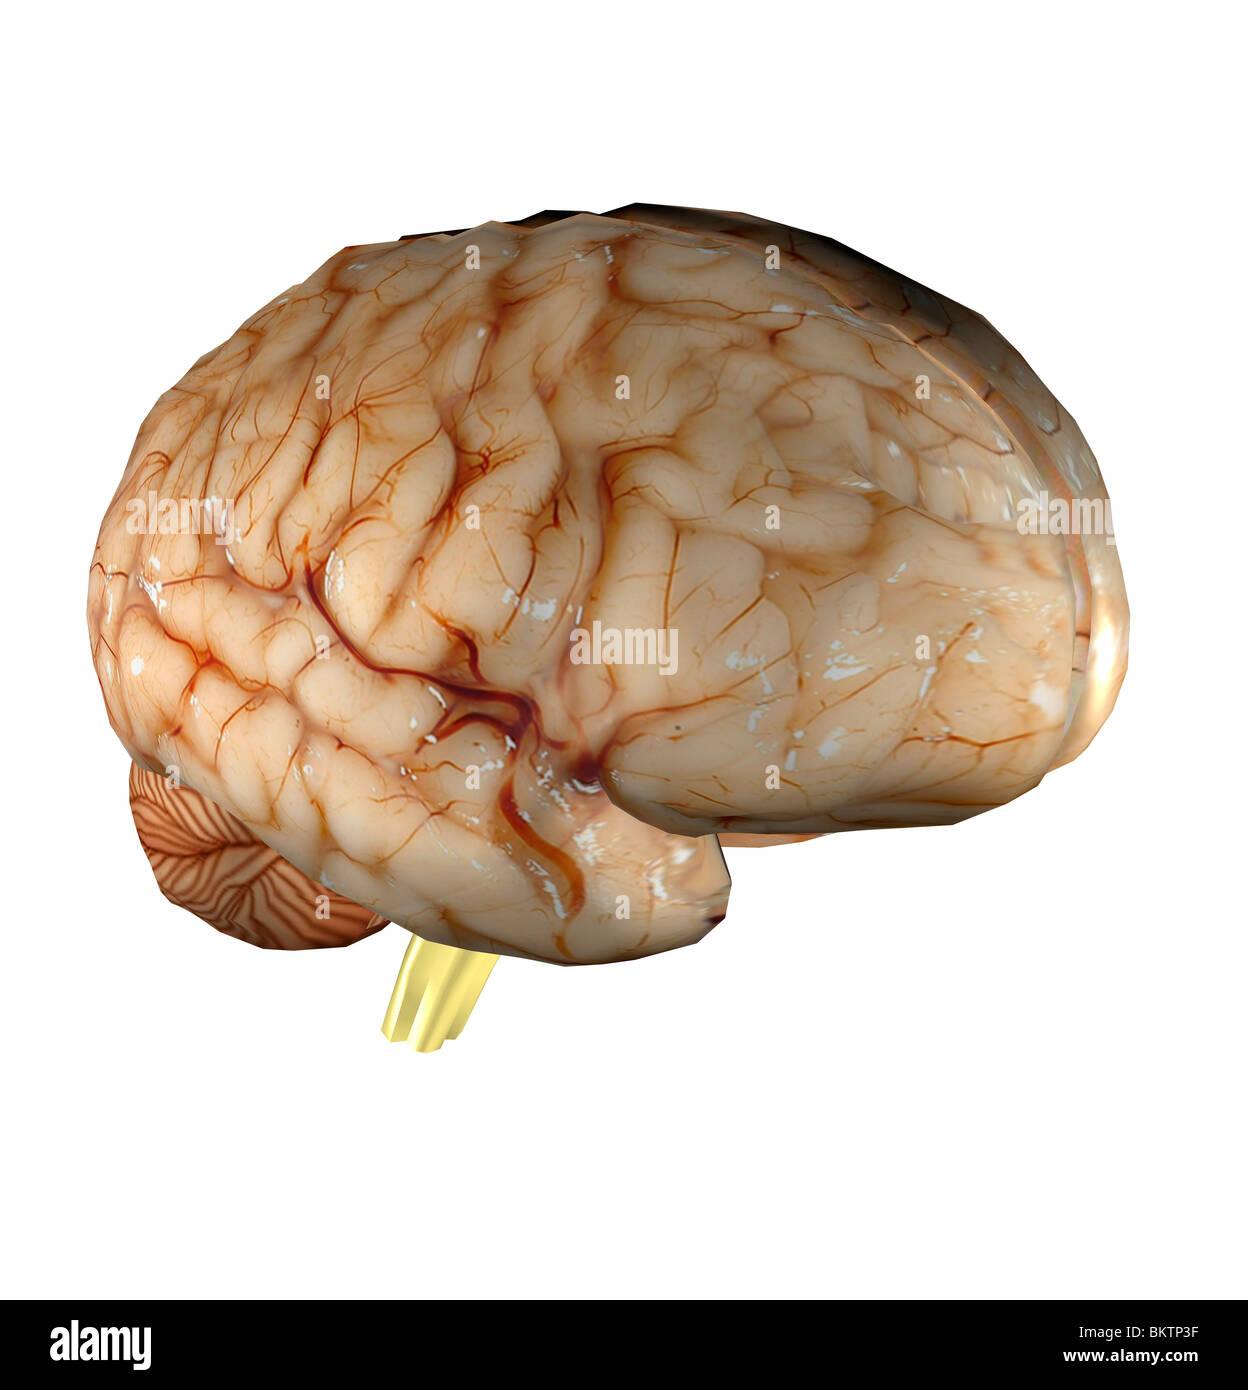 El cerebro es una parte del sistema nervioso central de los seres humanos y se encuentra en la cabeza. Imagen De Stock